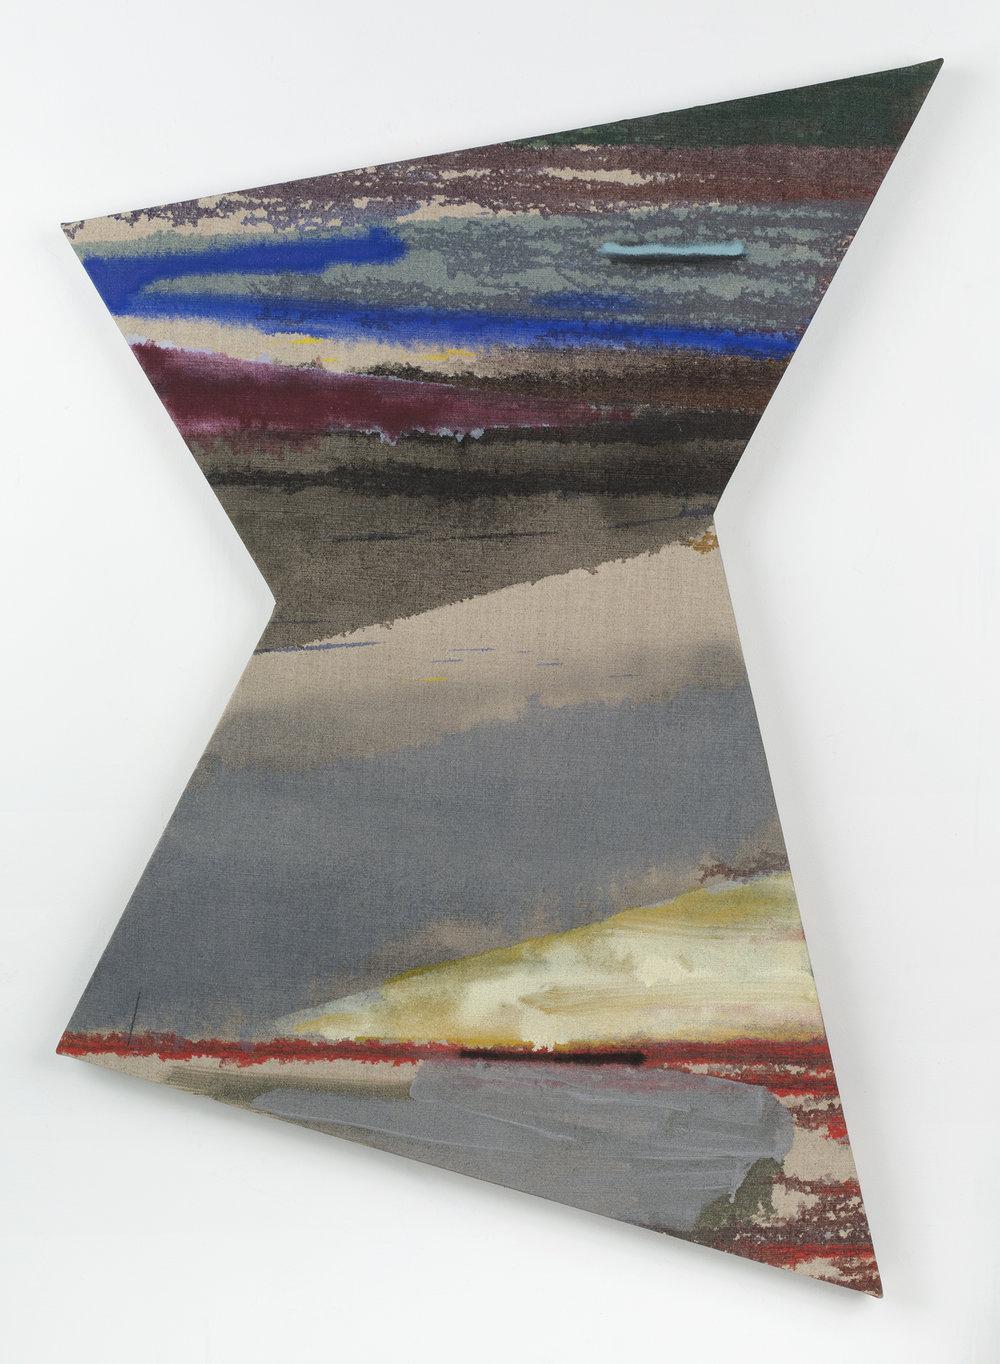 """PAMELA JORDEN   Zephyr , oil on linen 40 1/2"""" x 28 1/2"""", 2014"""